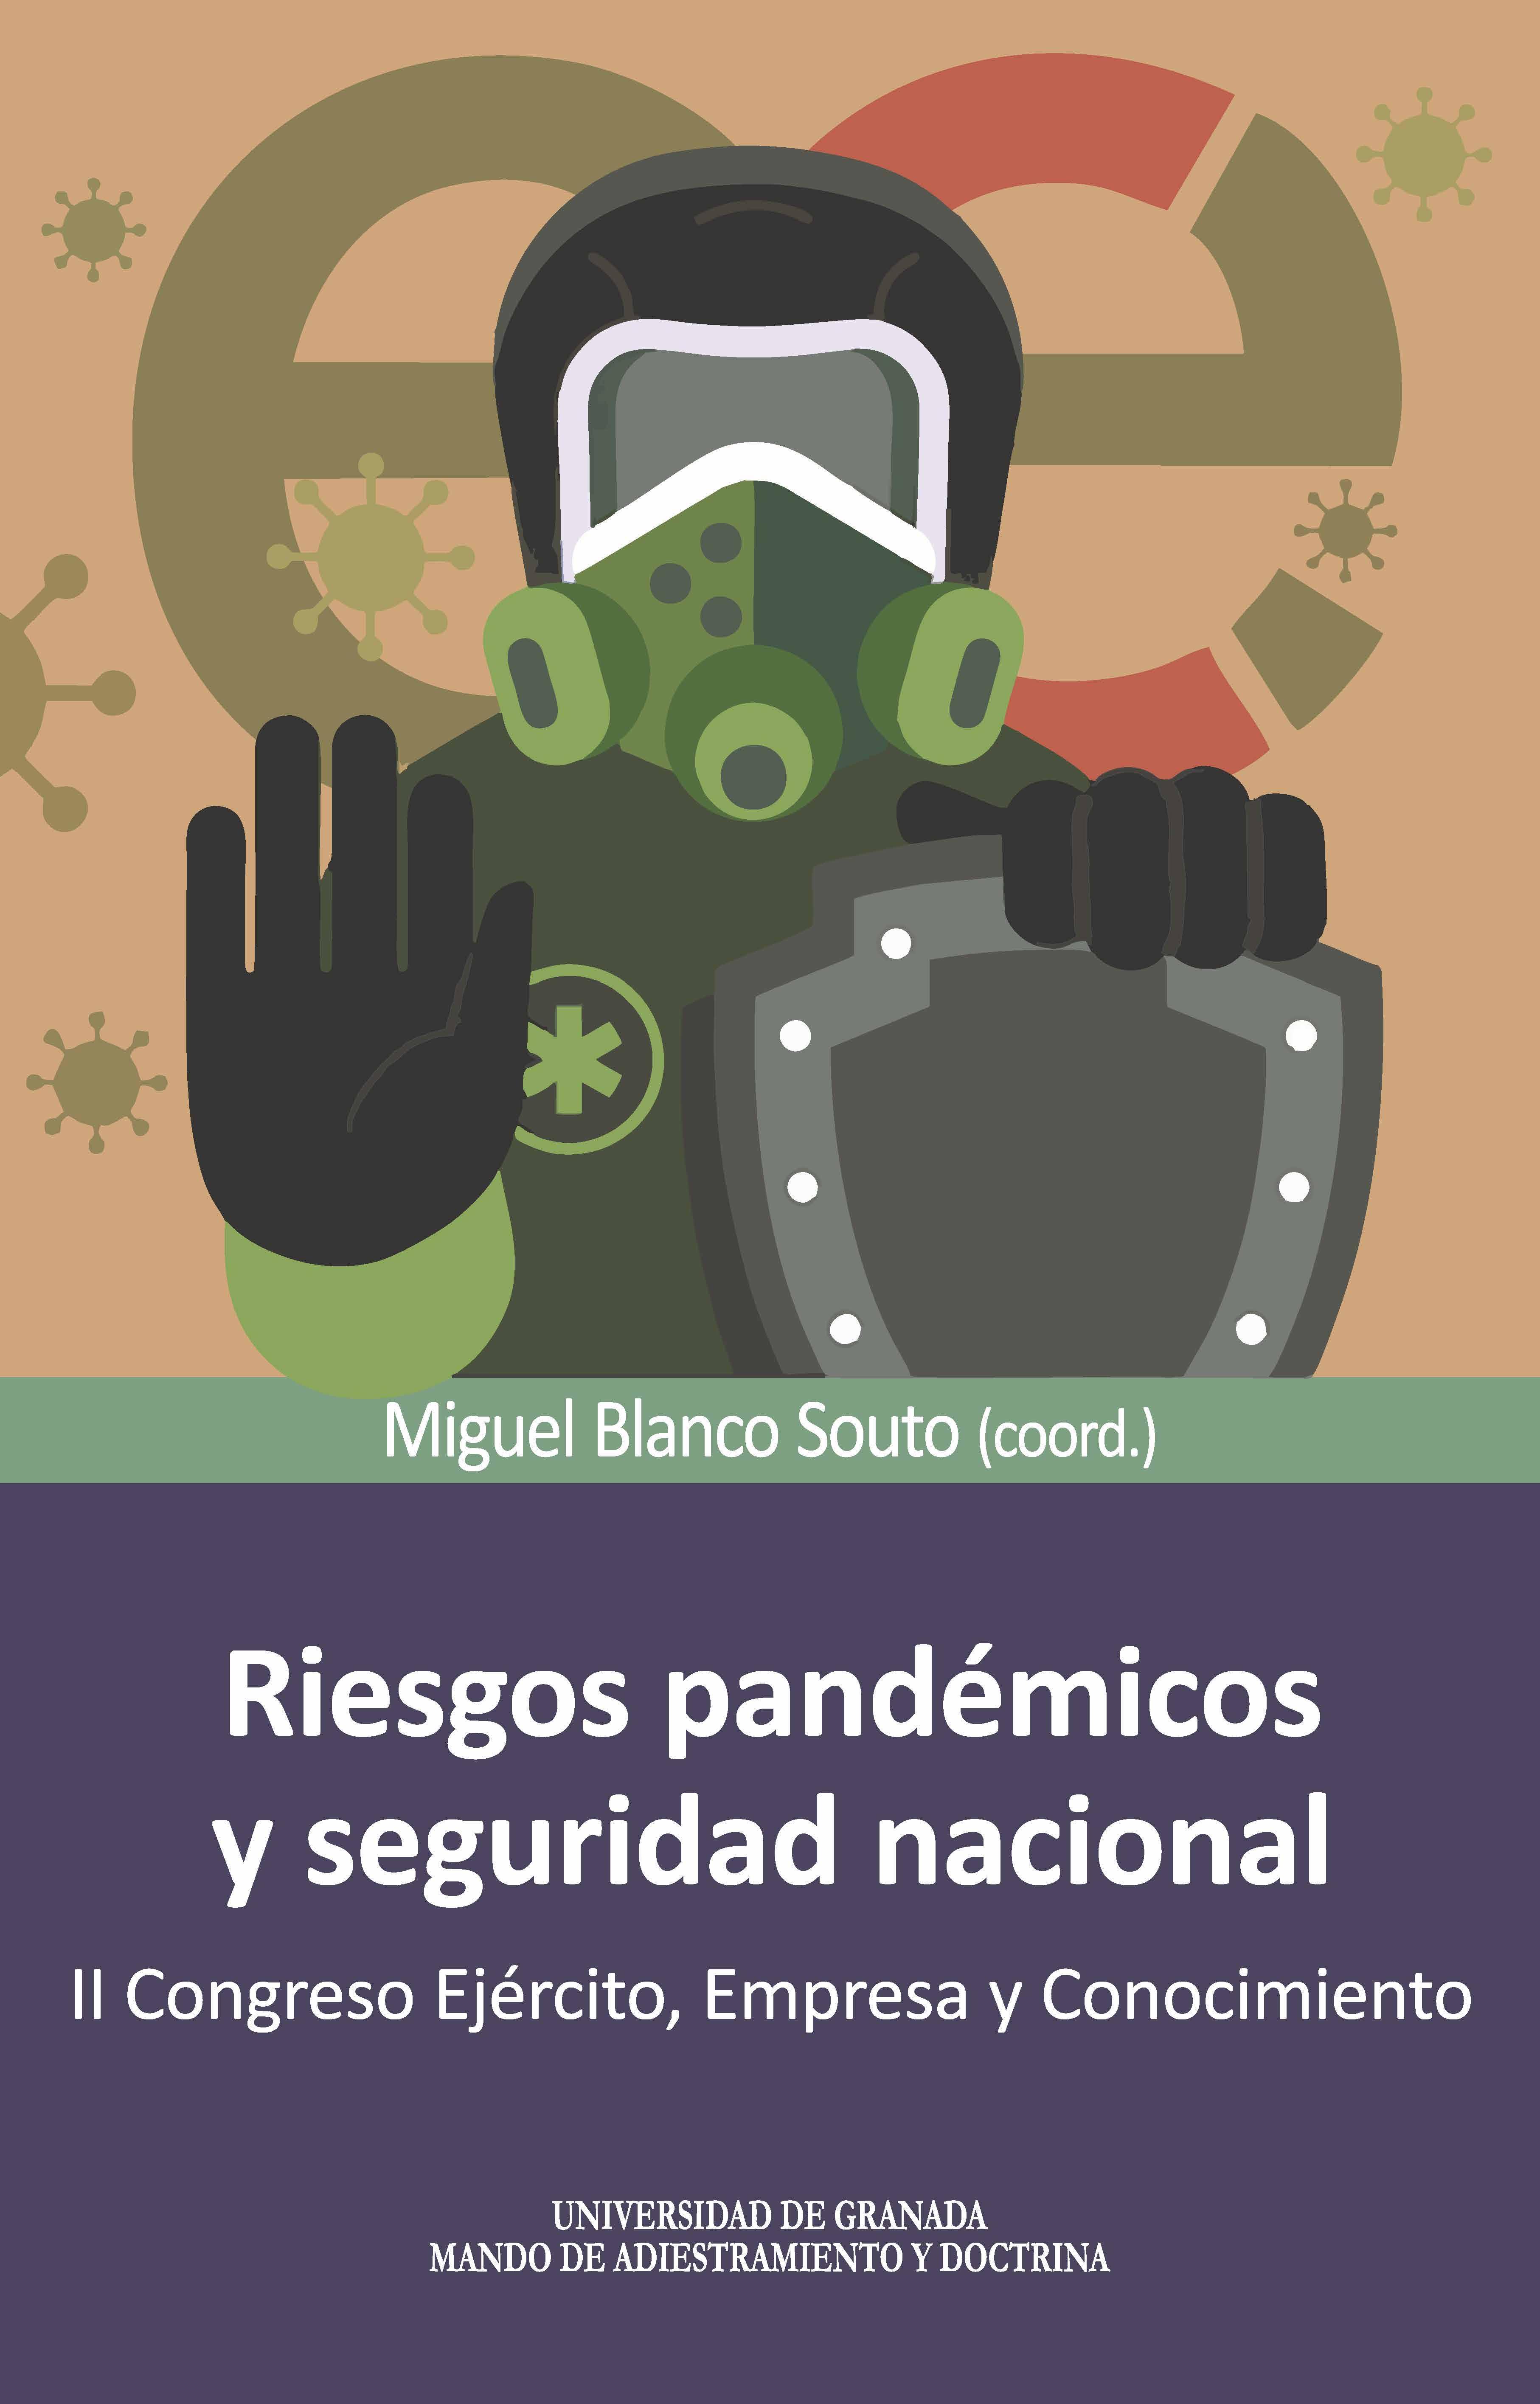 Riesgos pandémicos y seguridad nacional   «II Congreso ejército, empresa y conocimiento»